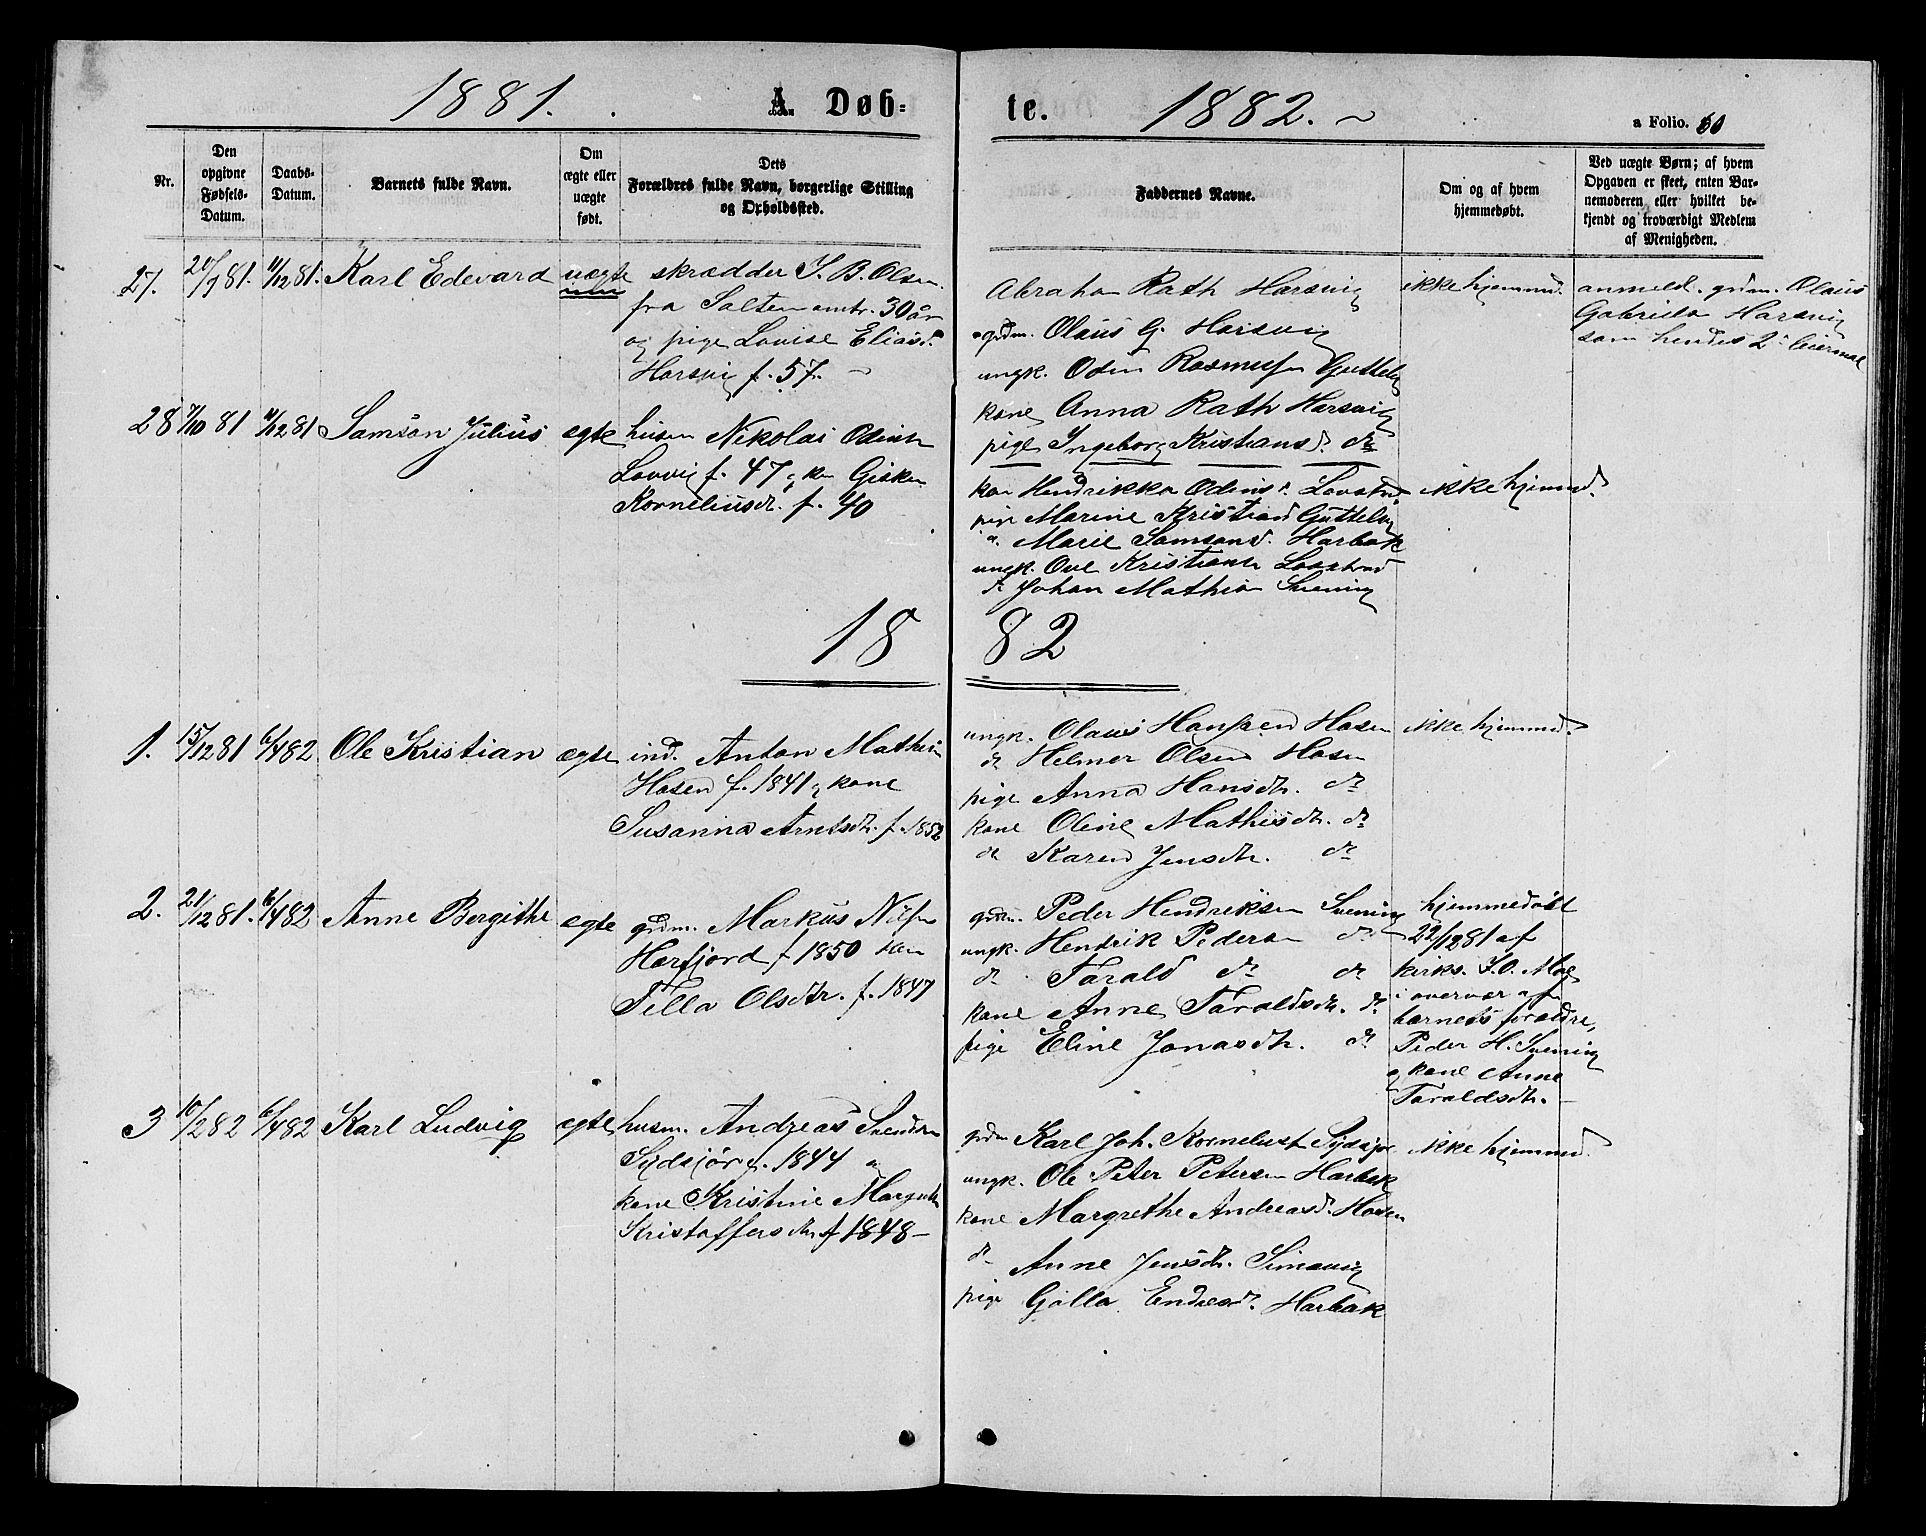 SAT, Ministerialprotokoller, klokkerbøker og fødselsregistre - Sør-Trøndelag, 656/L0695: Klokkerbok nr. 656C01, 1867-1889, s. 60